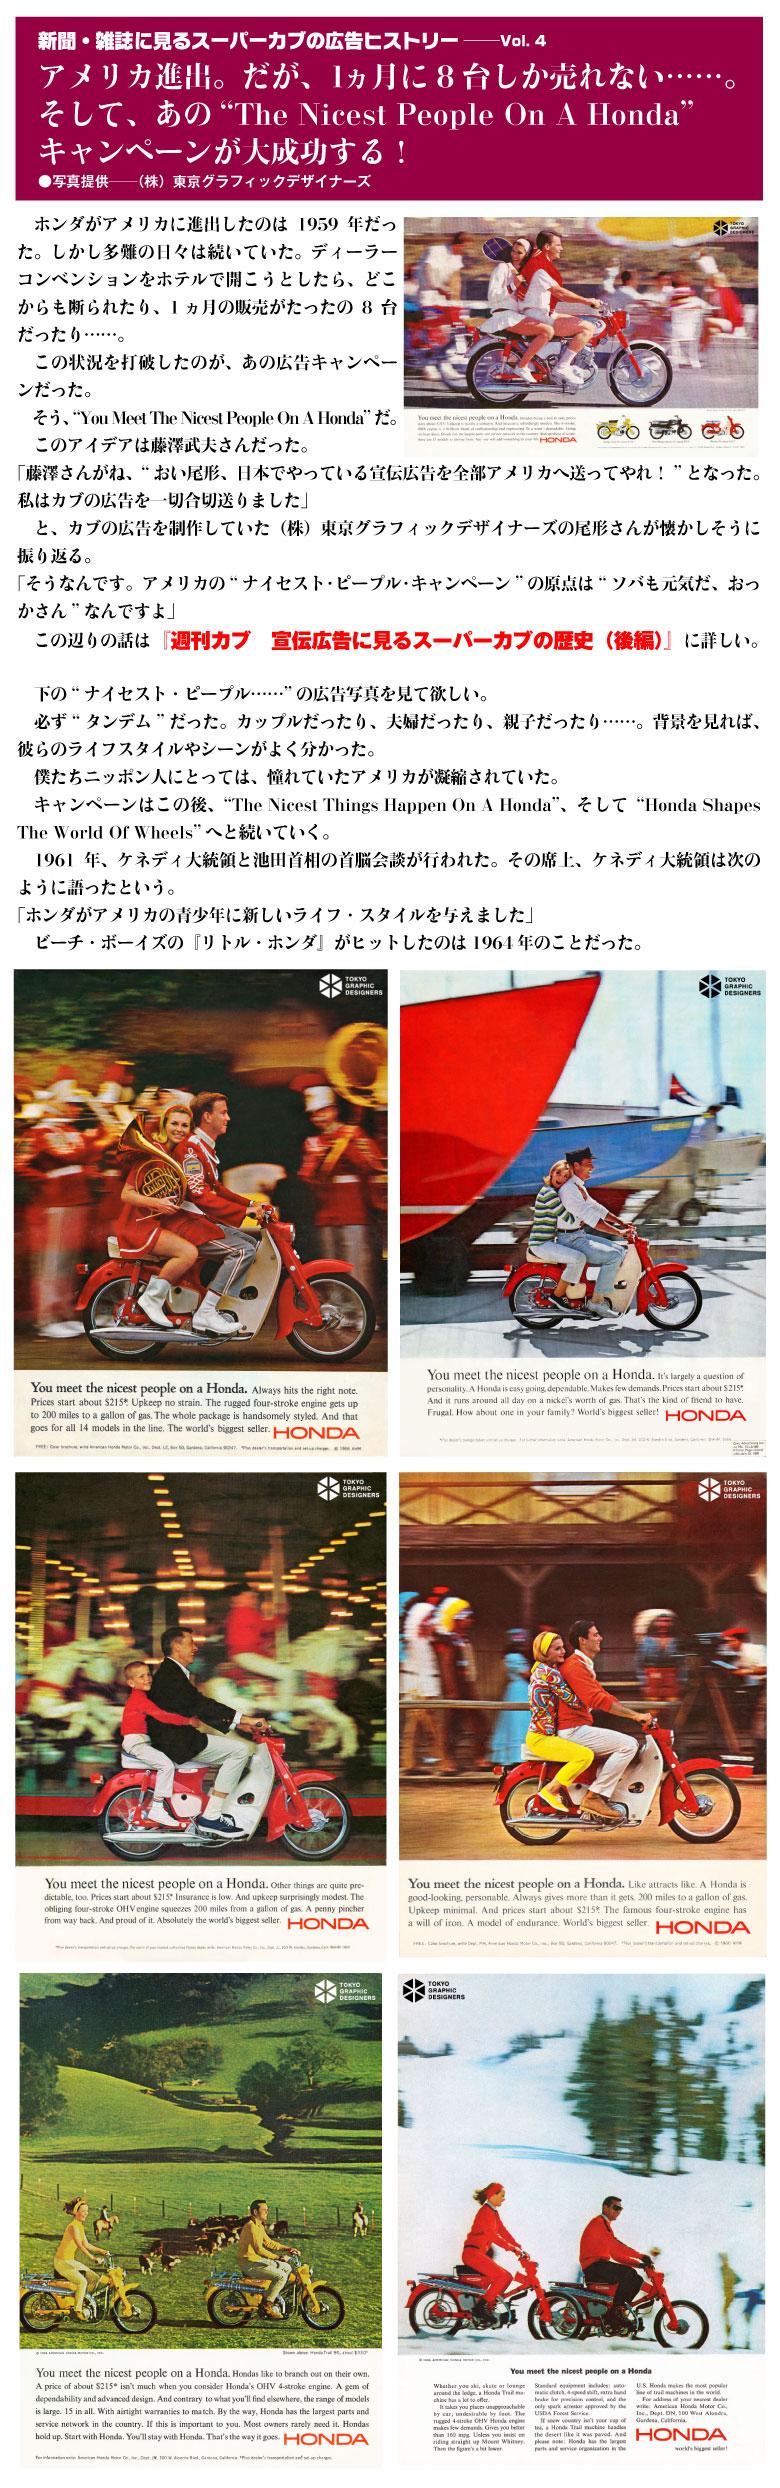 新聞・雑誌に見るスーパーカブの広告ヒストリー4-1